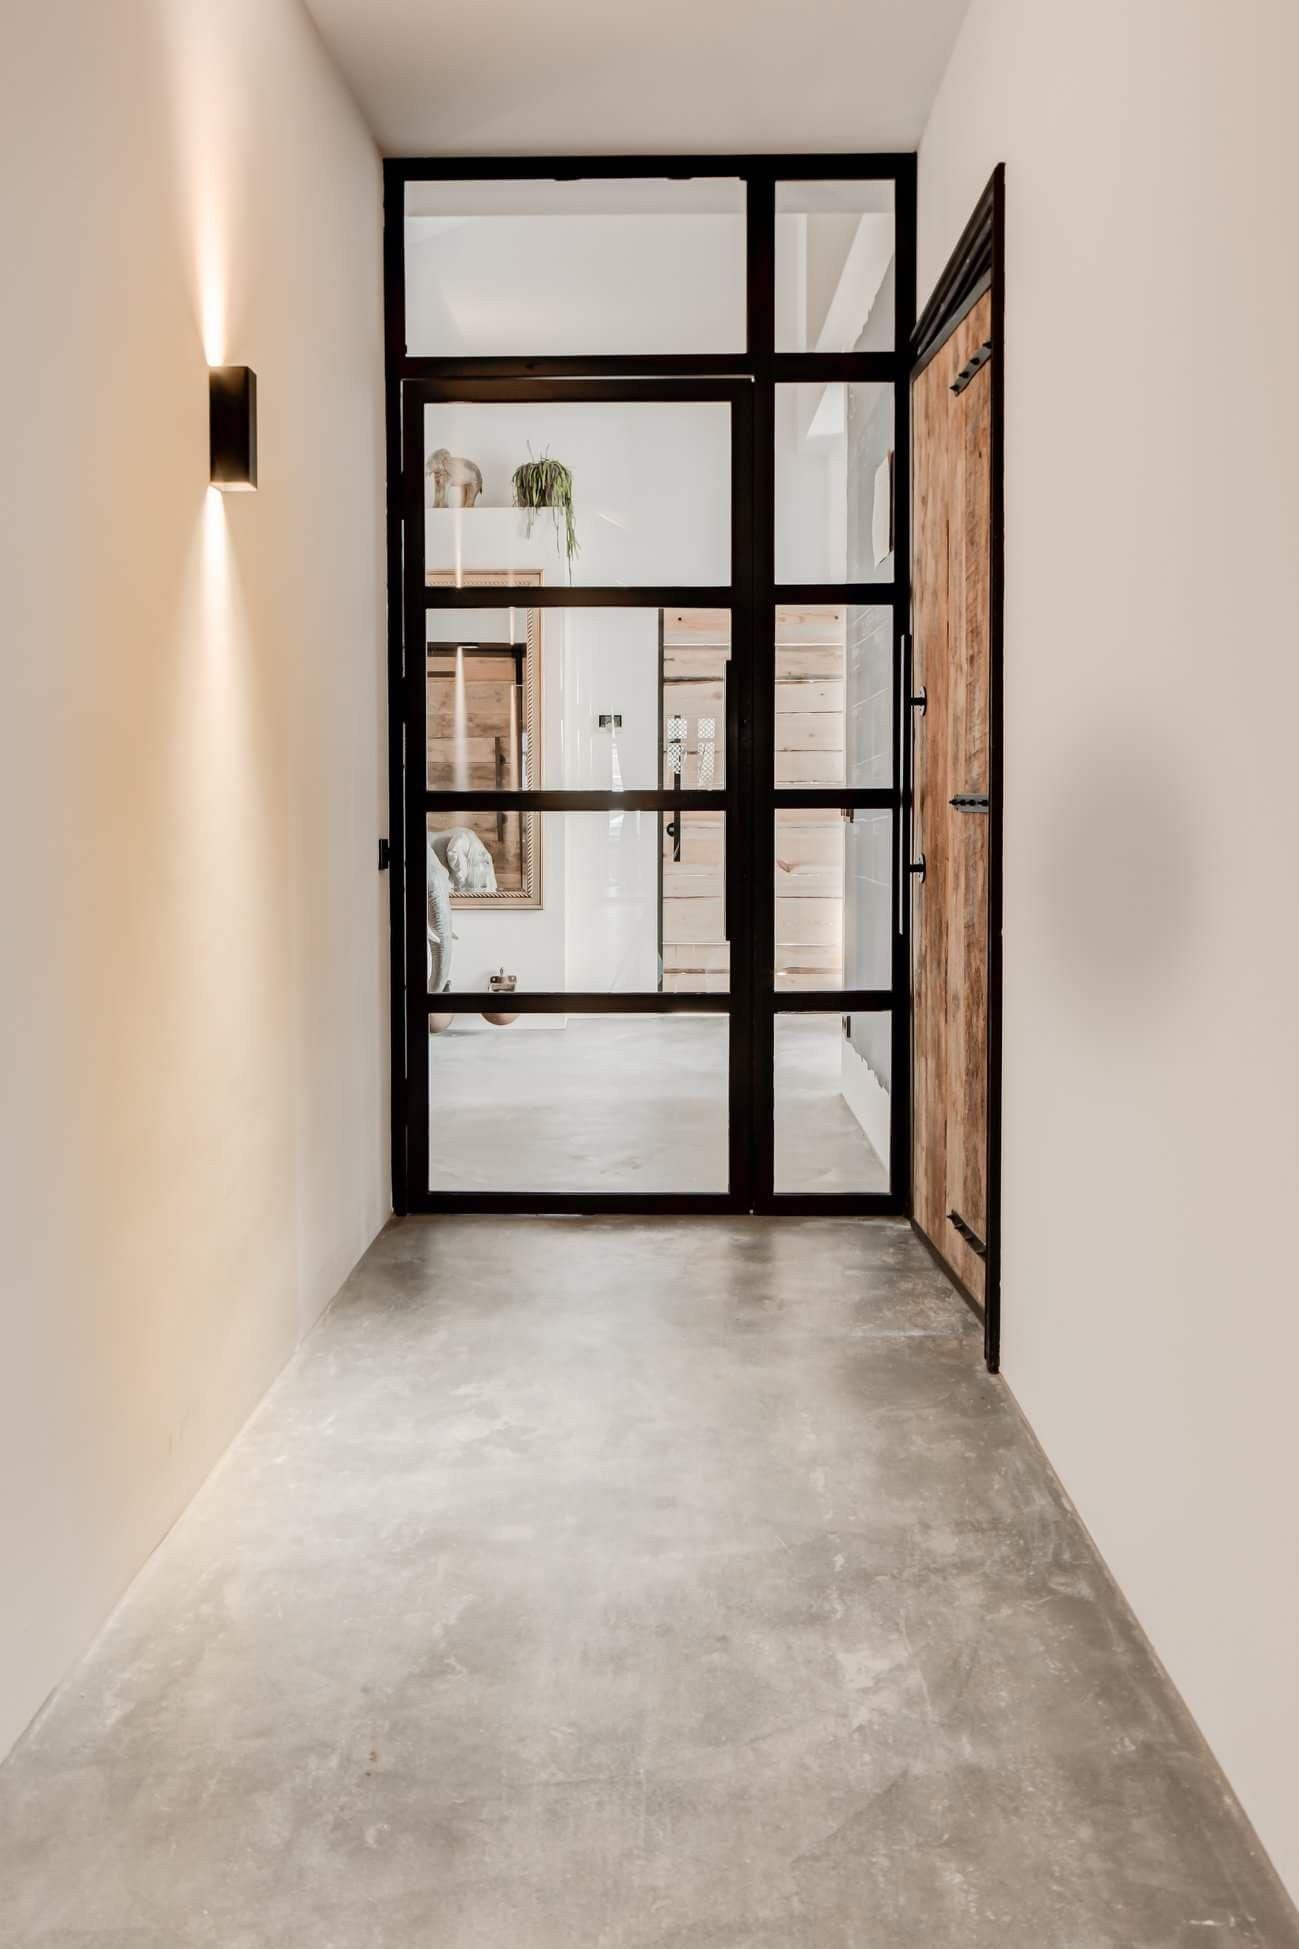 Tussendeur van hal naar woonkamer? | josien | Pinterest - Hal, Huis ...